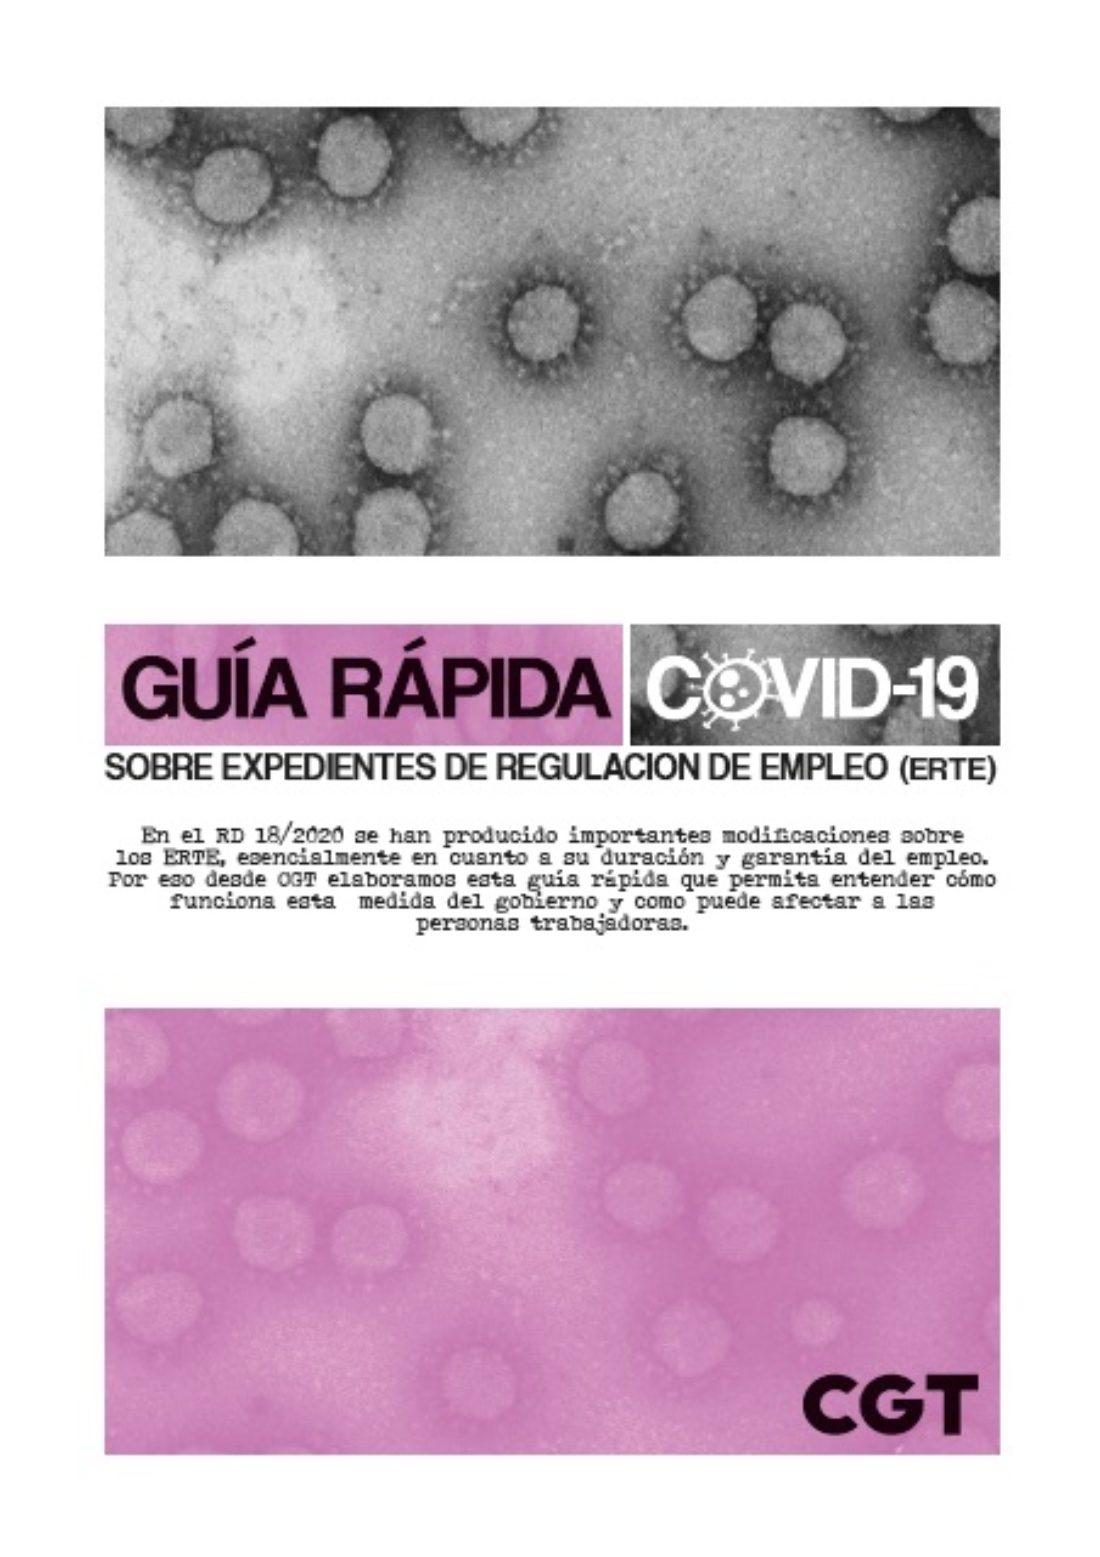 CGT ha editado la Guía rápida COVID-19 sobre los ERTE